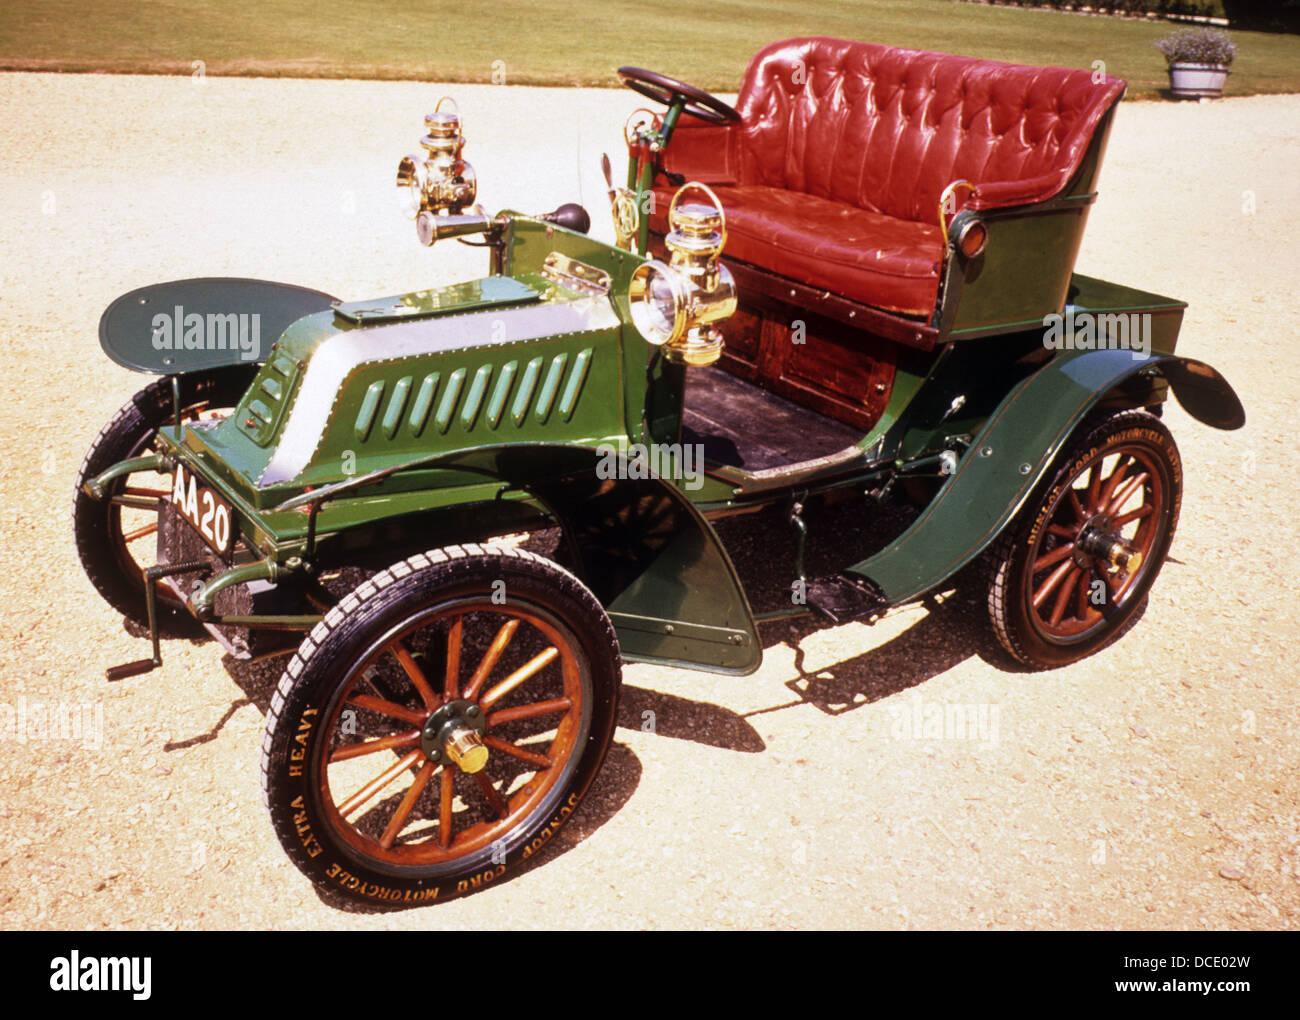 1903 DE DION BOUTON 8CV - Stock Image